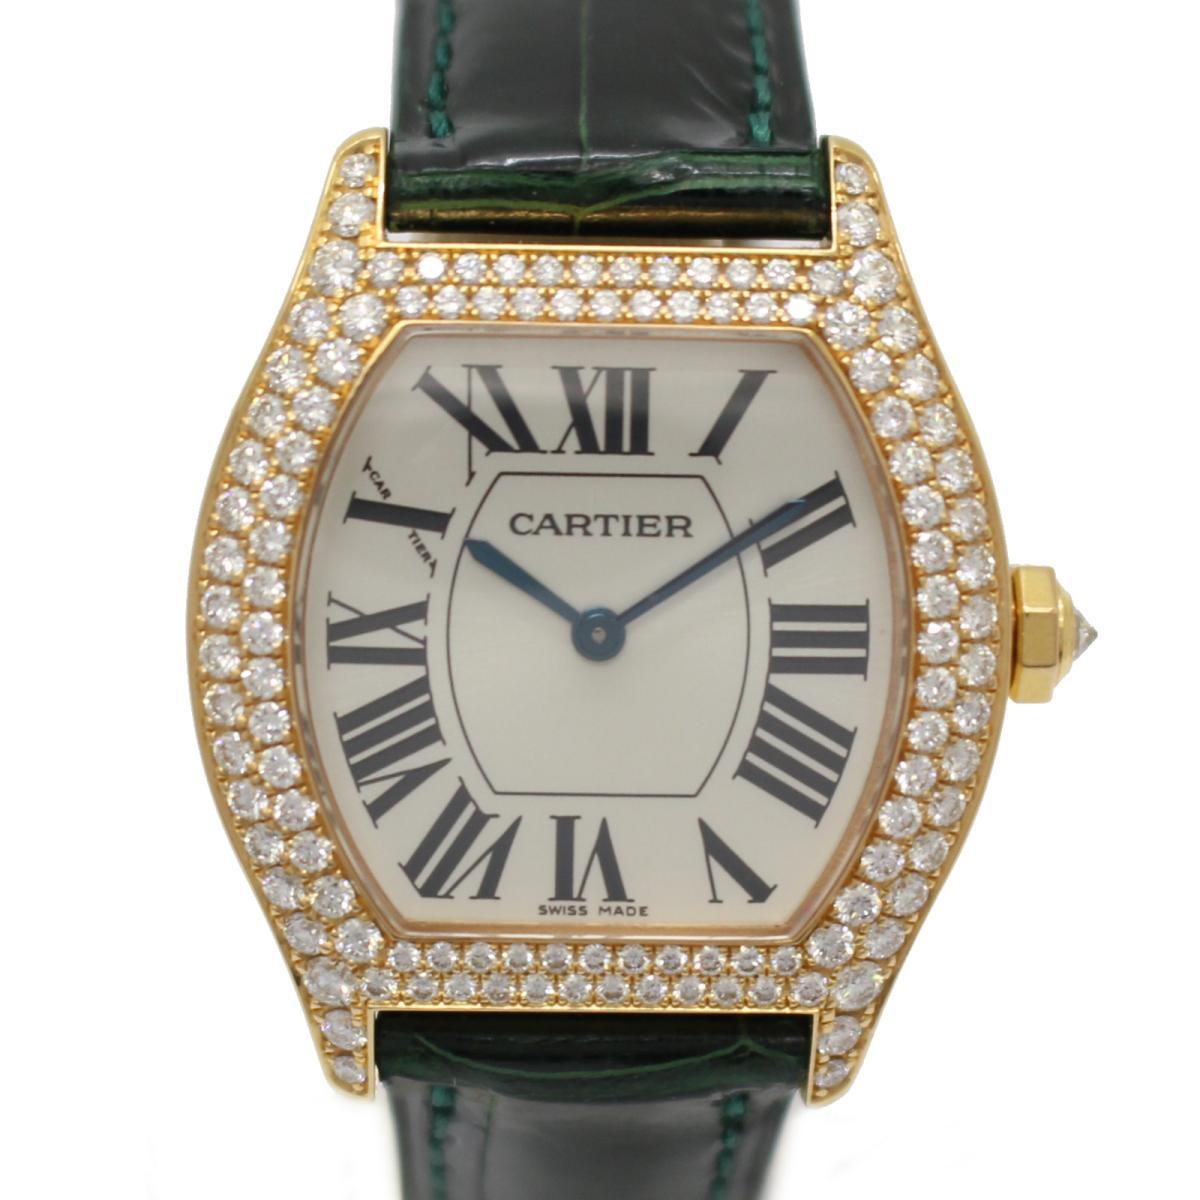 【中古】カルティエ トーチュSM レディースウォッチ 腕時計 時計 レディース K18YG(750)イエローゴールド×ダイヤモンド×レザーベルト (WA505031)